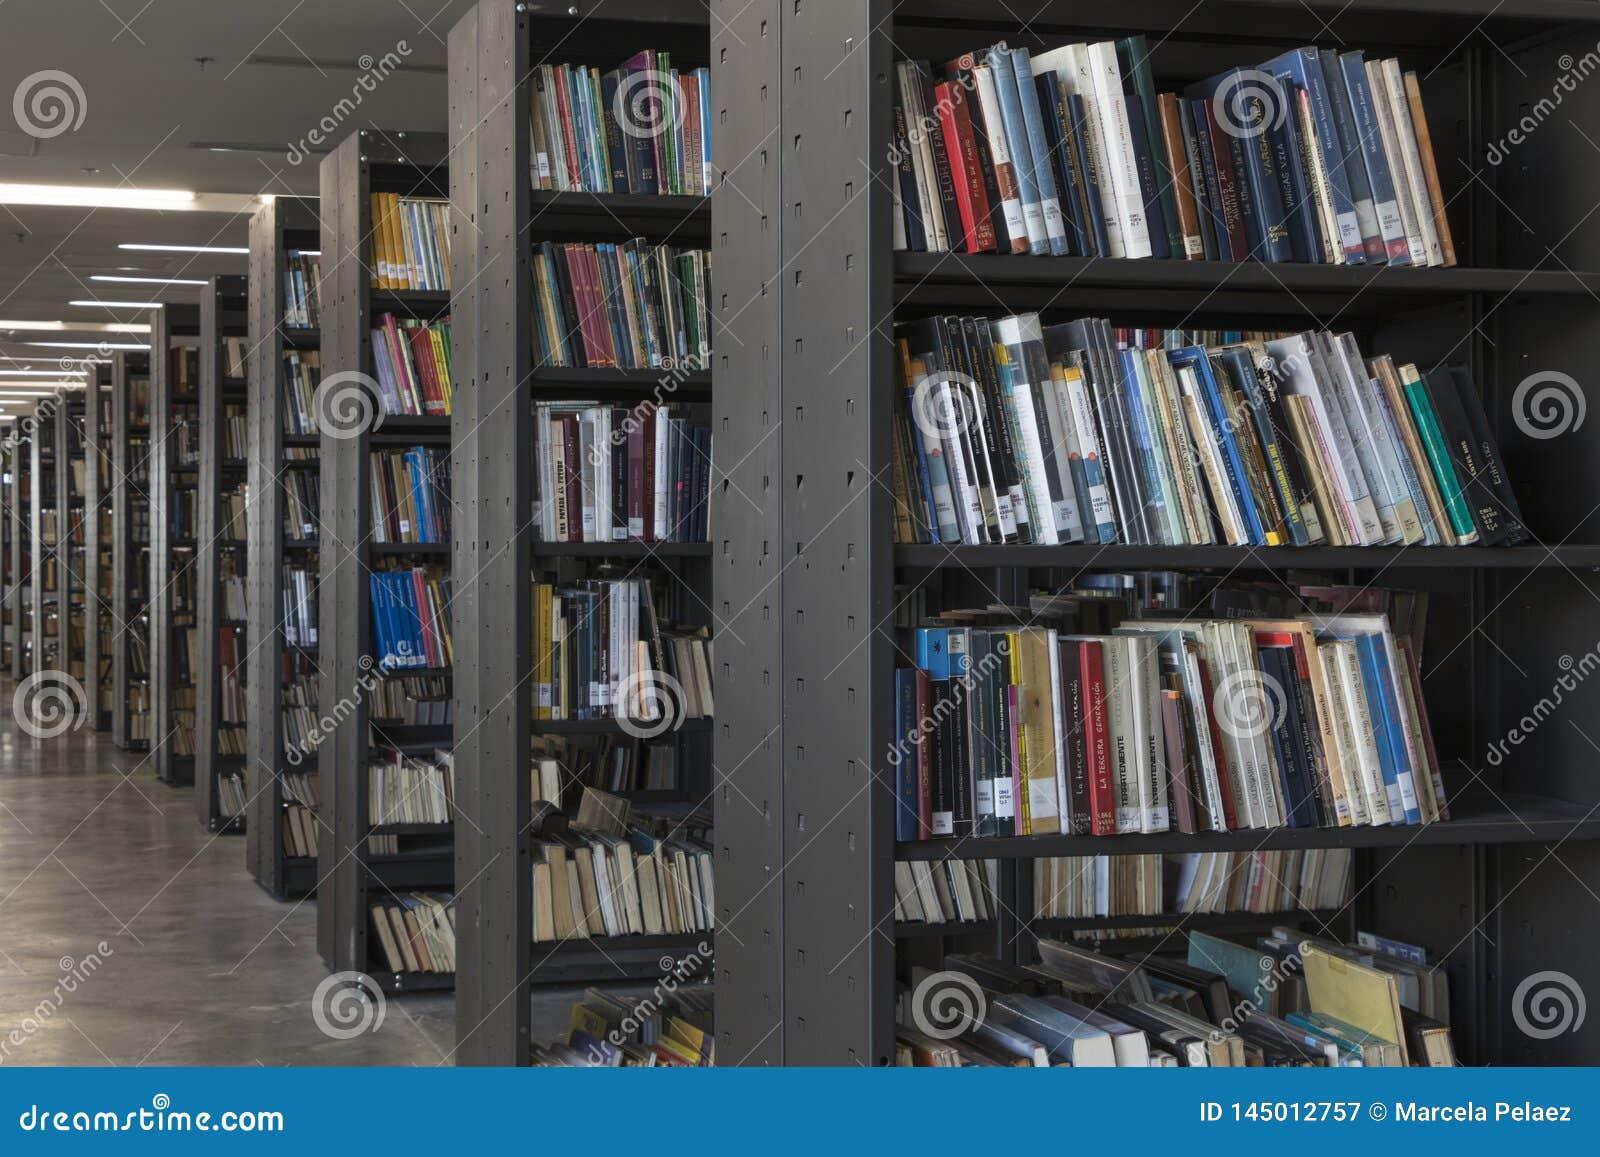 公立图书馆麦德林biblioteca pública piloto营业日2018年12月